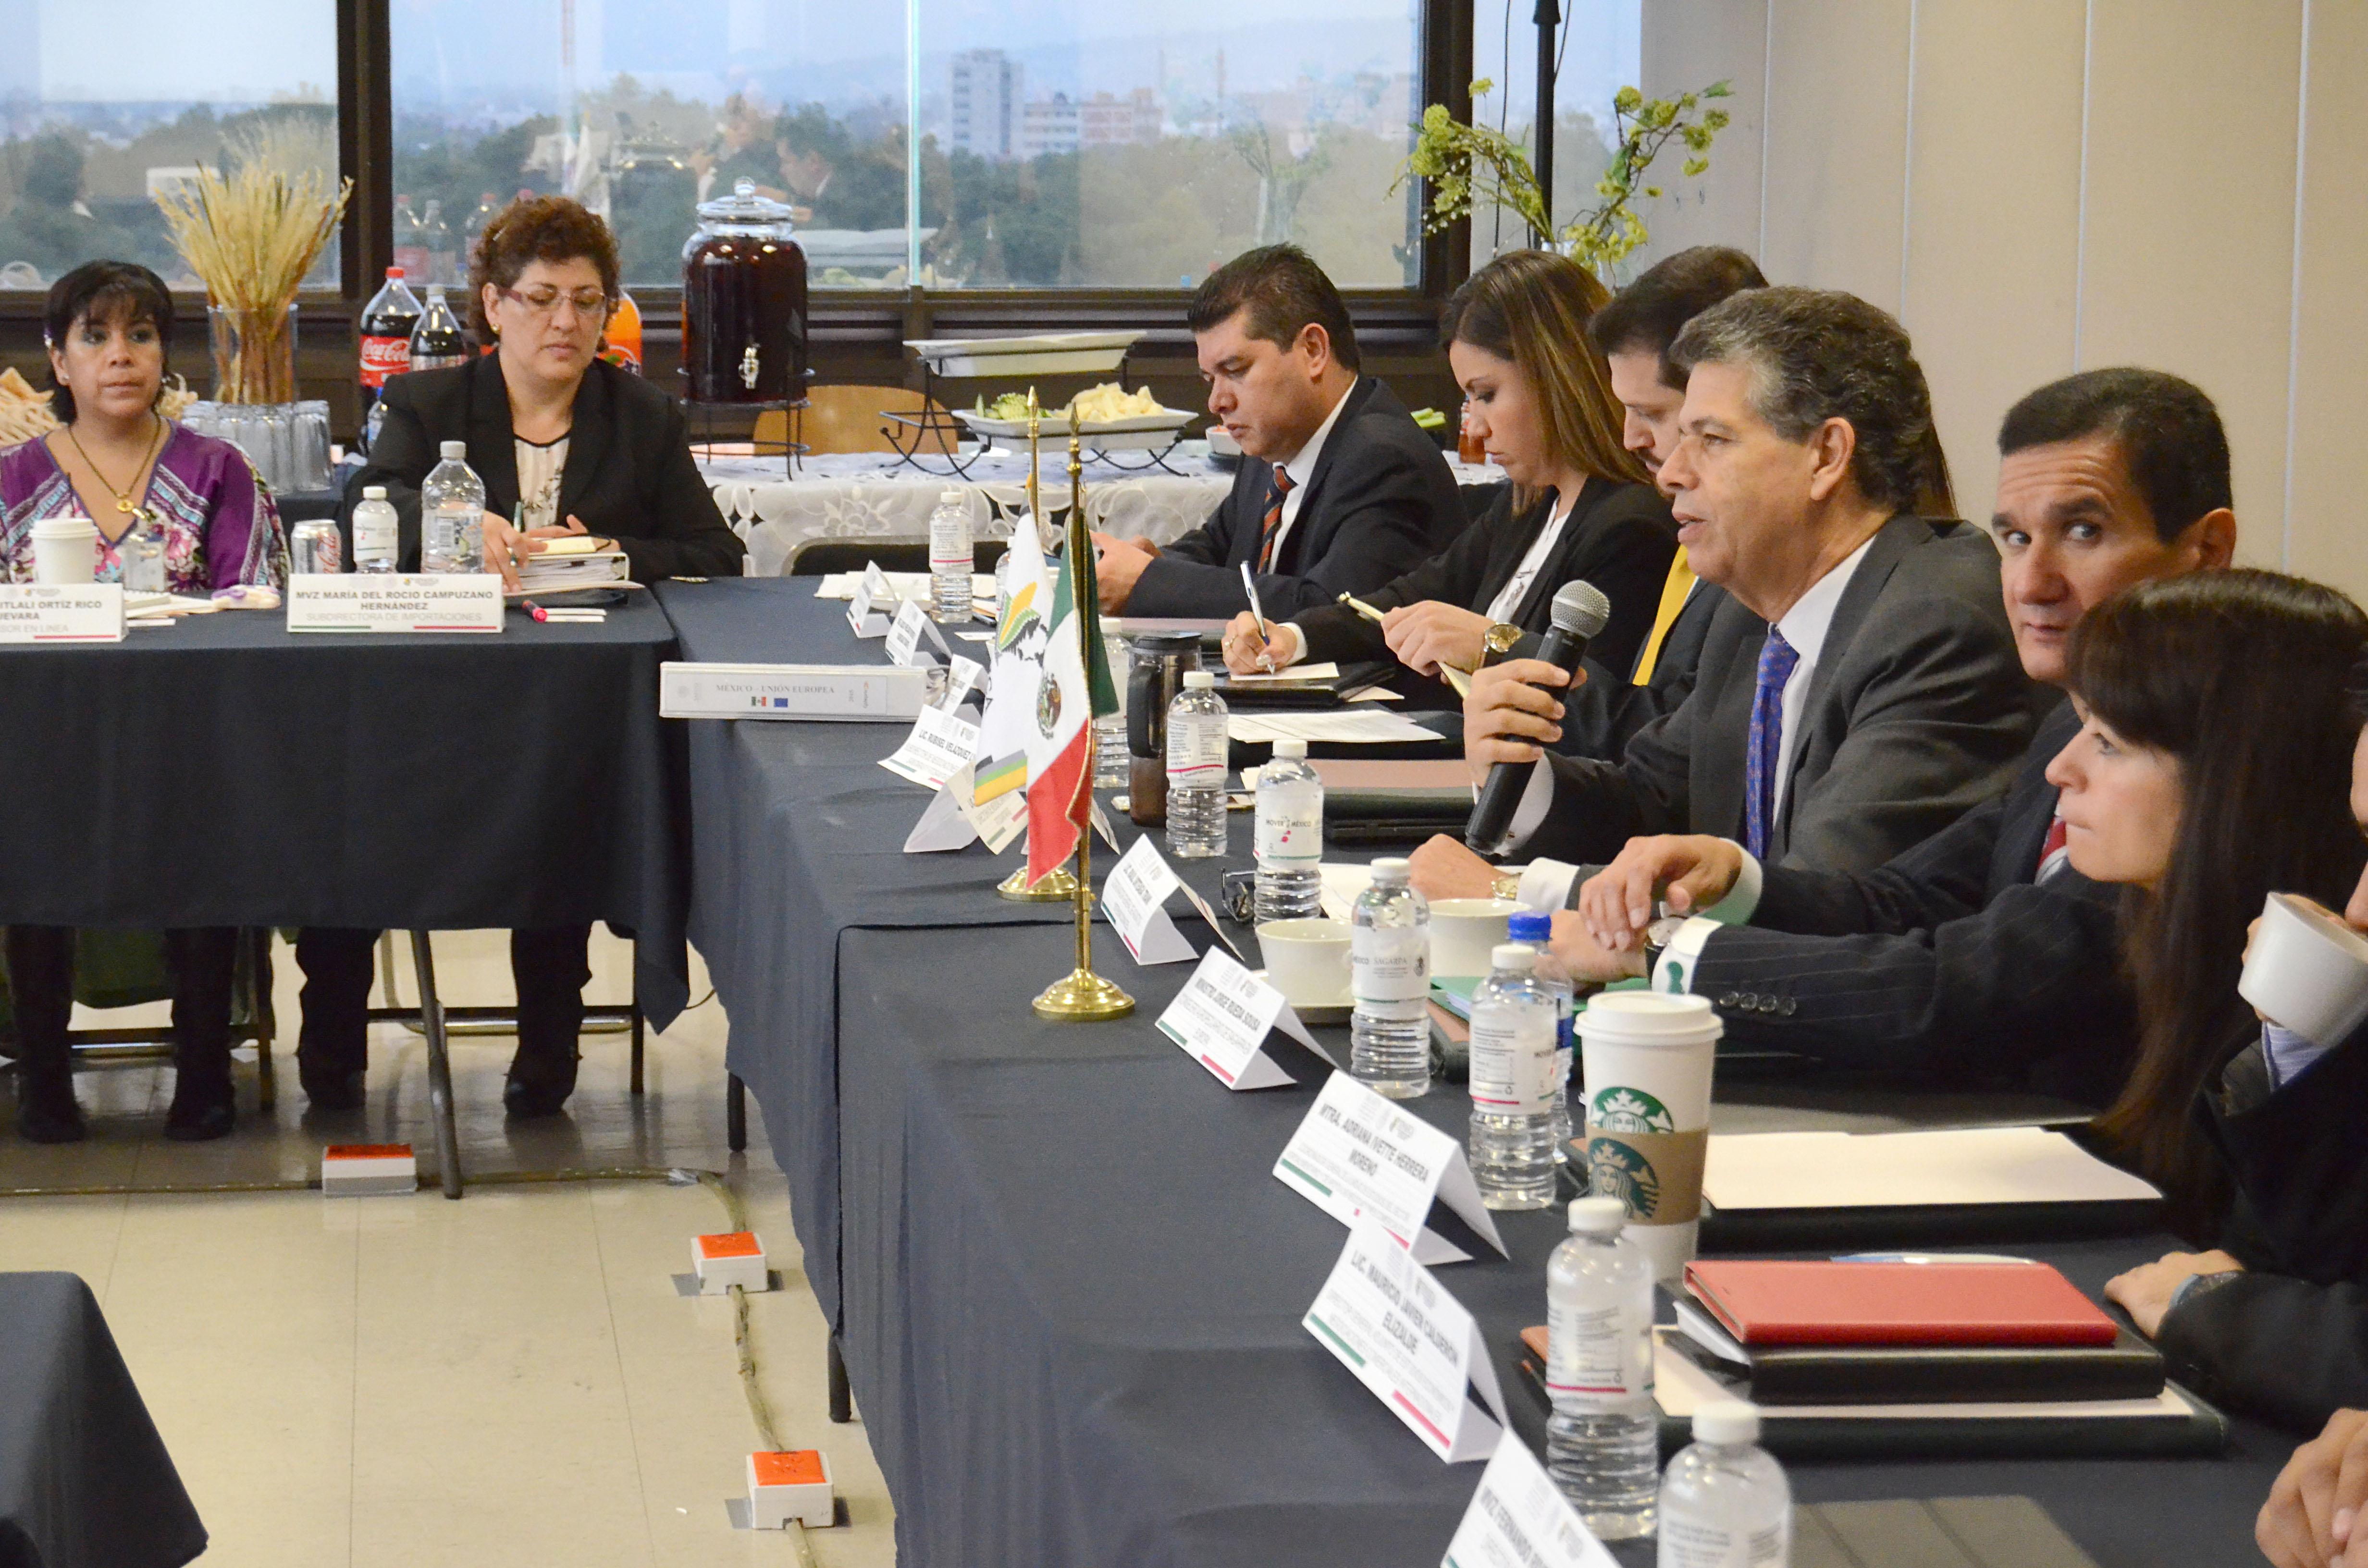 Este encuentro se da en el marco del anuncio de los presidentes de México, Enrique Peña Nieto, y del Consejo Europeo, Donald Tusk, por revisar los diferentes capítulos del tratado comercial.